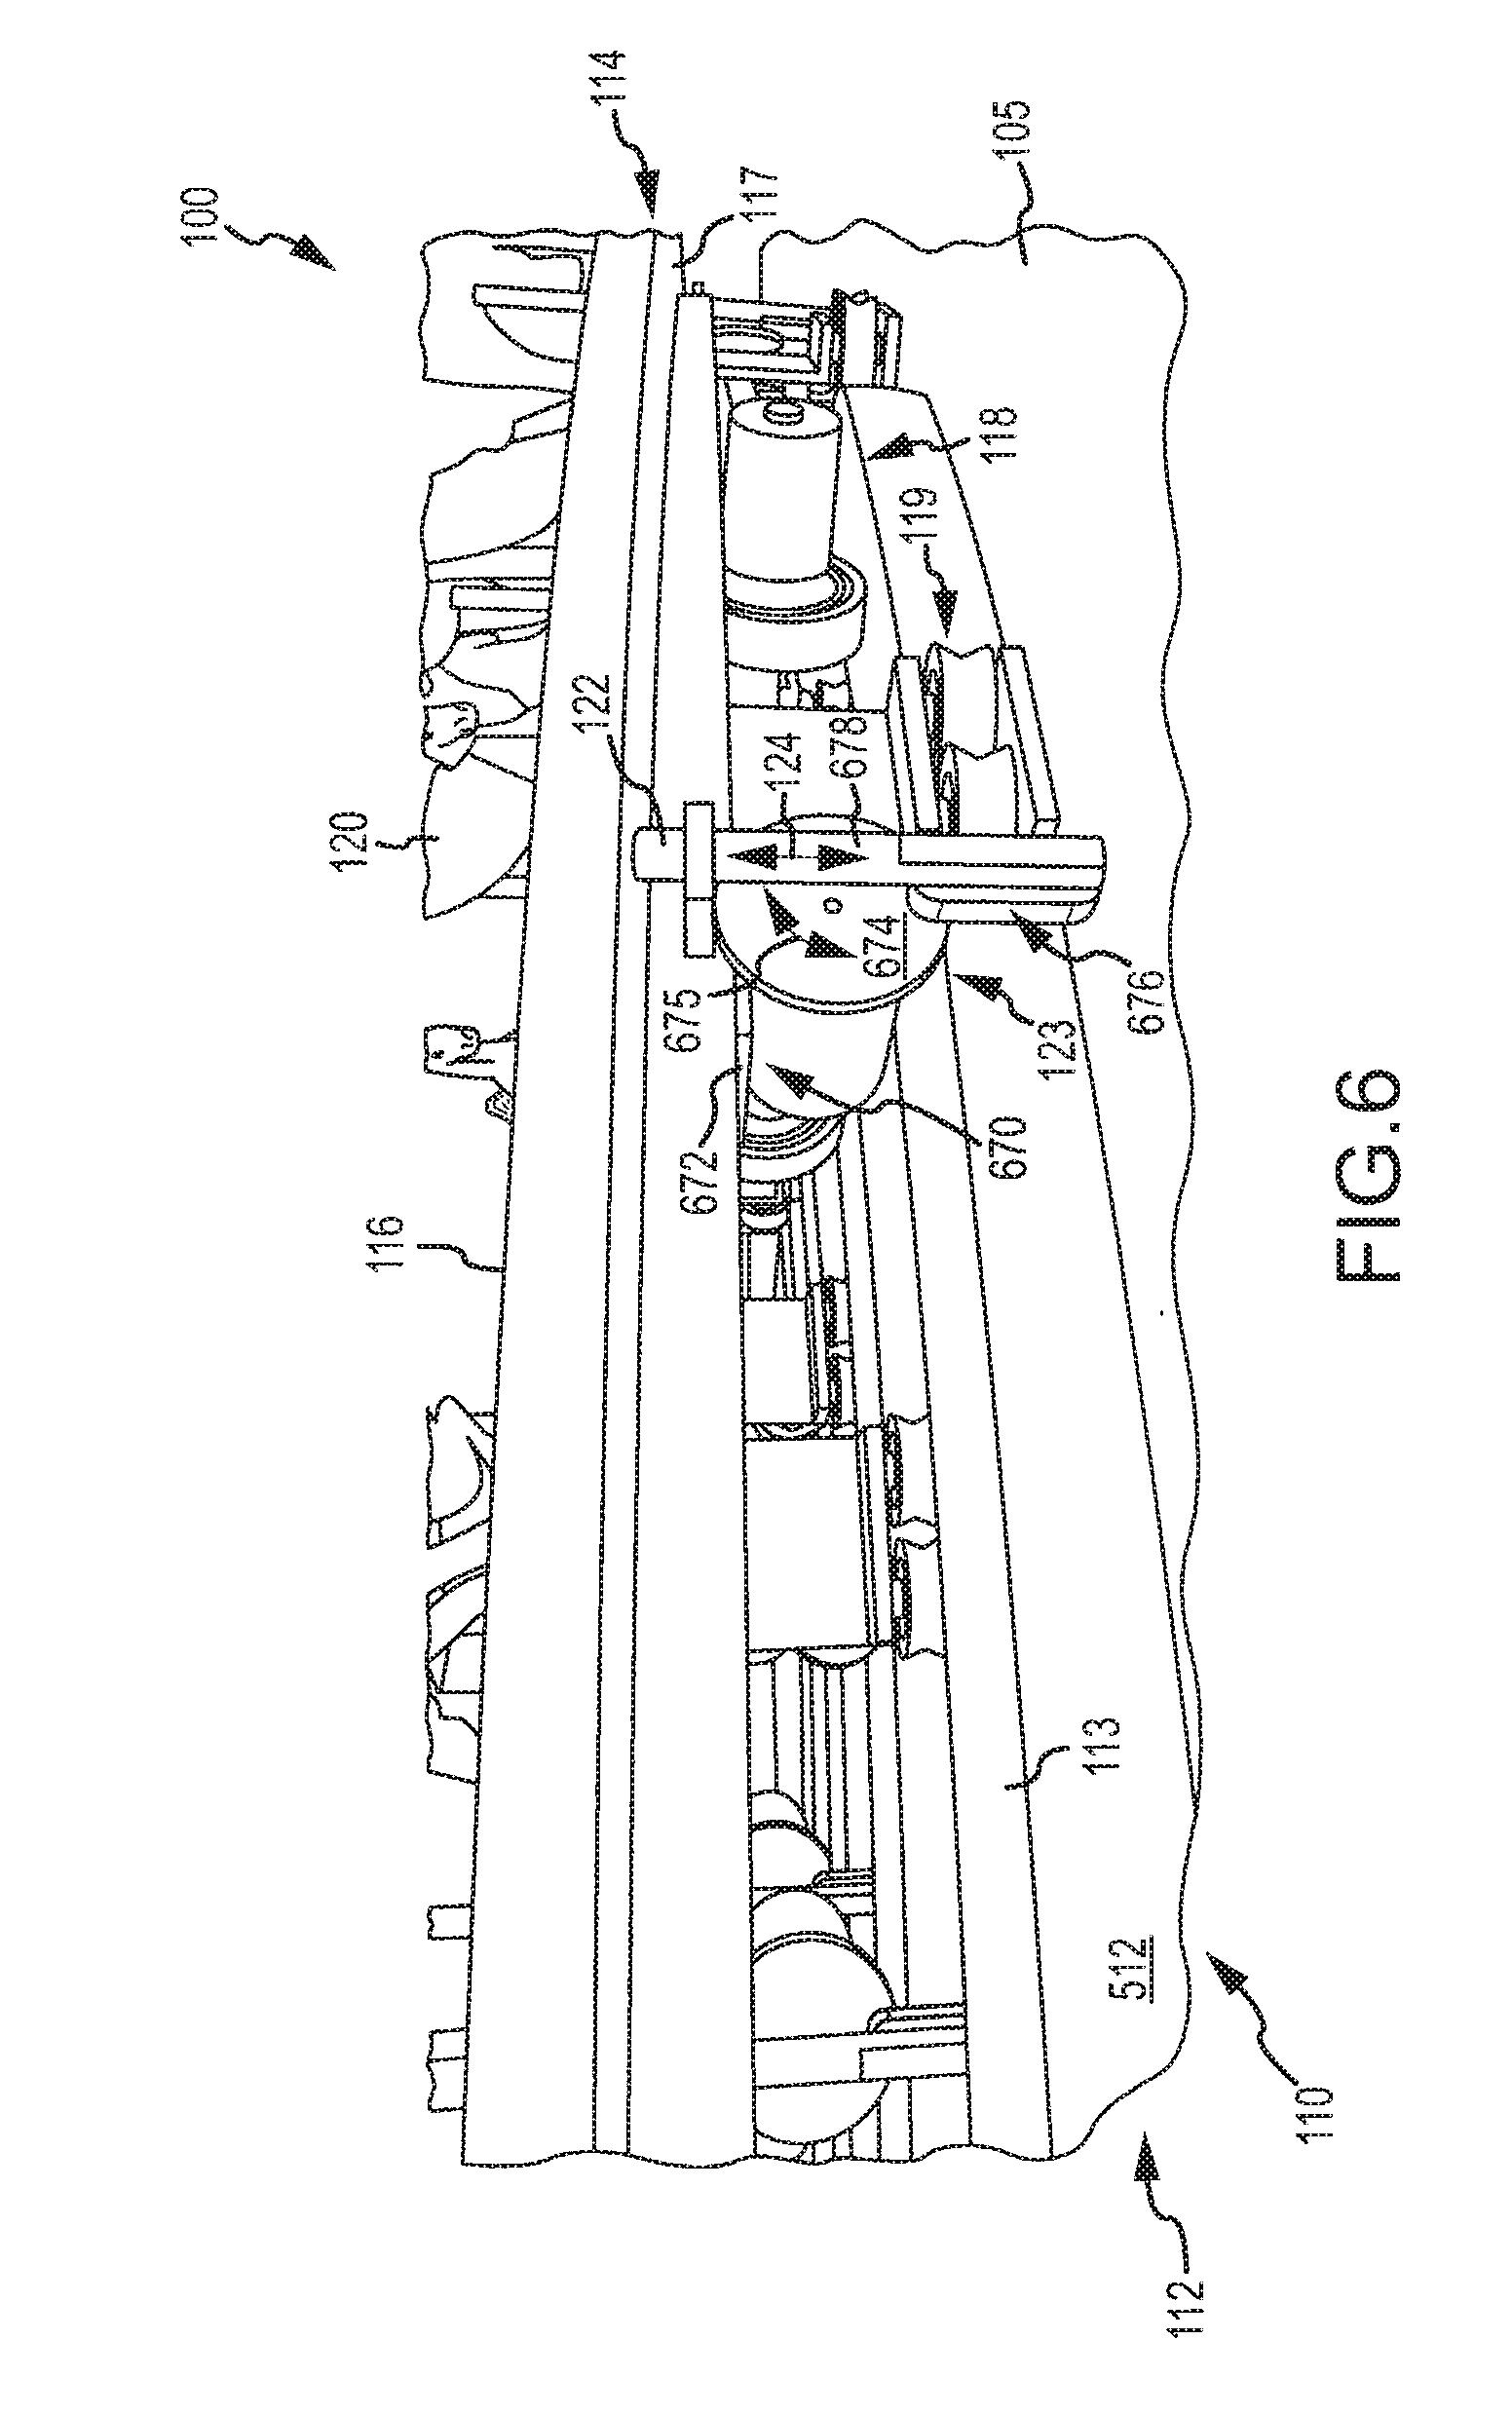 yamaha as3 wiring diagram